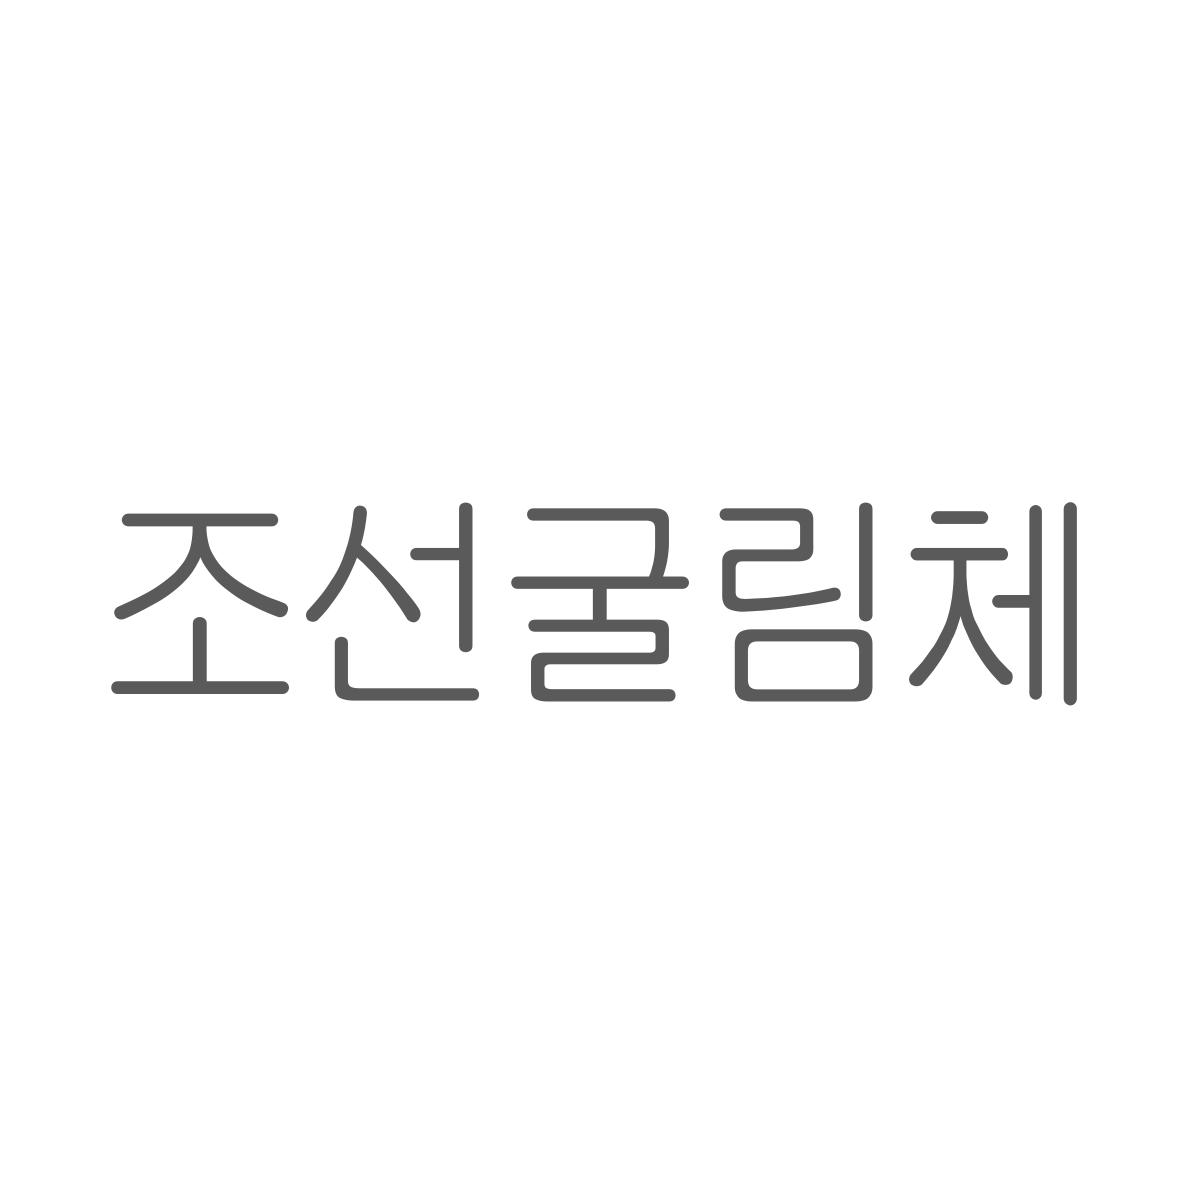 조선굴림체